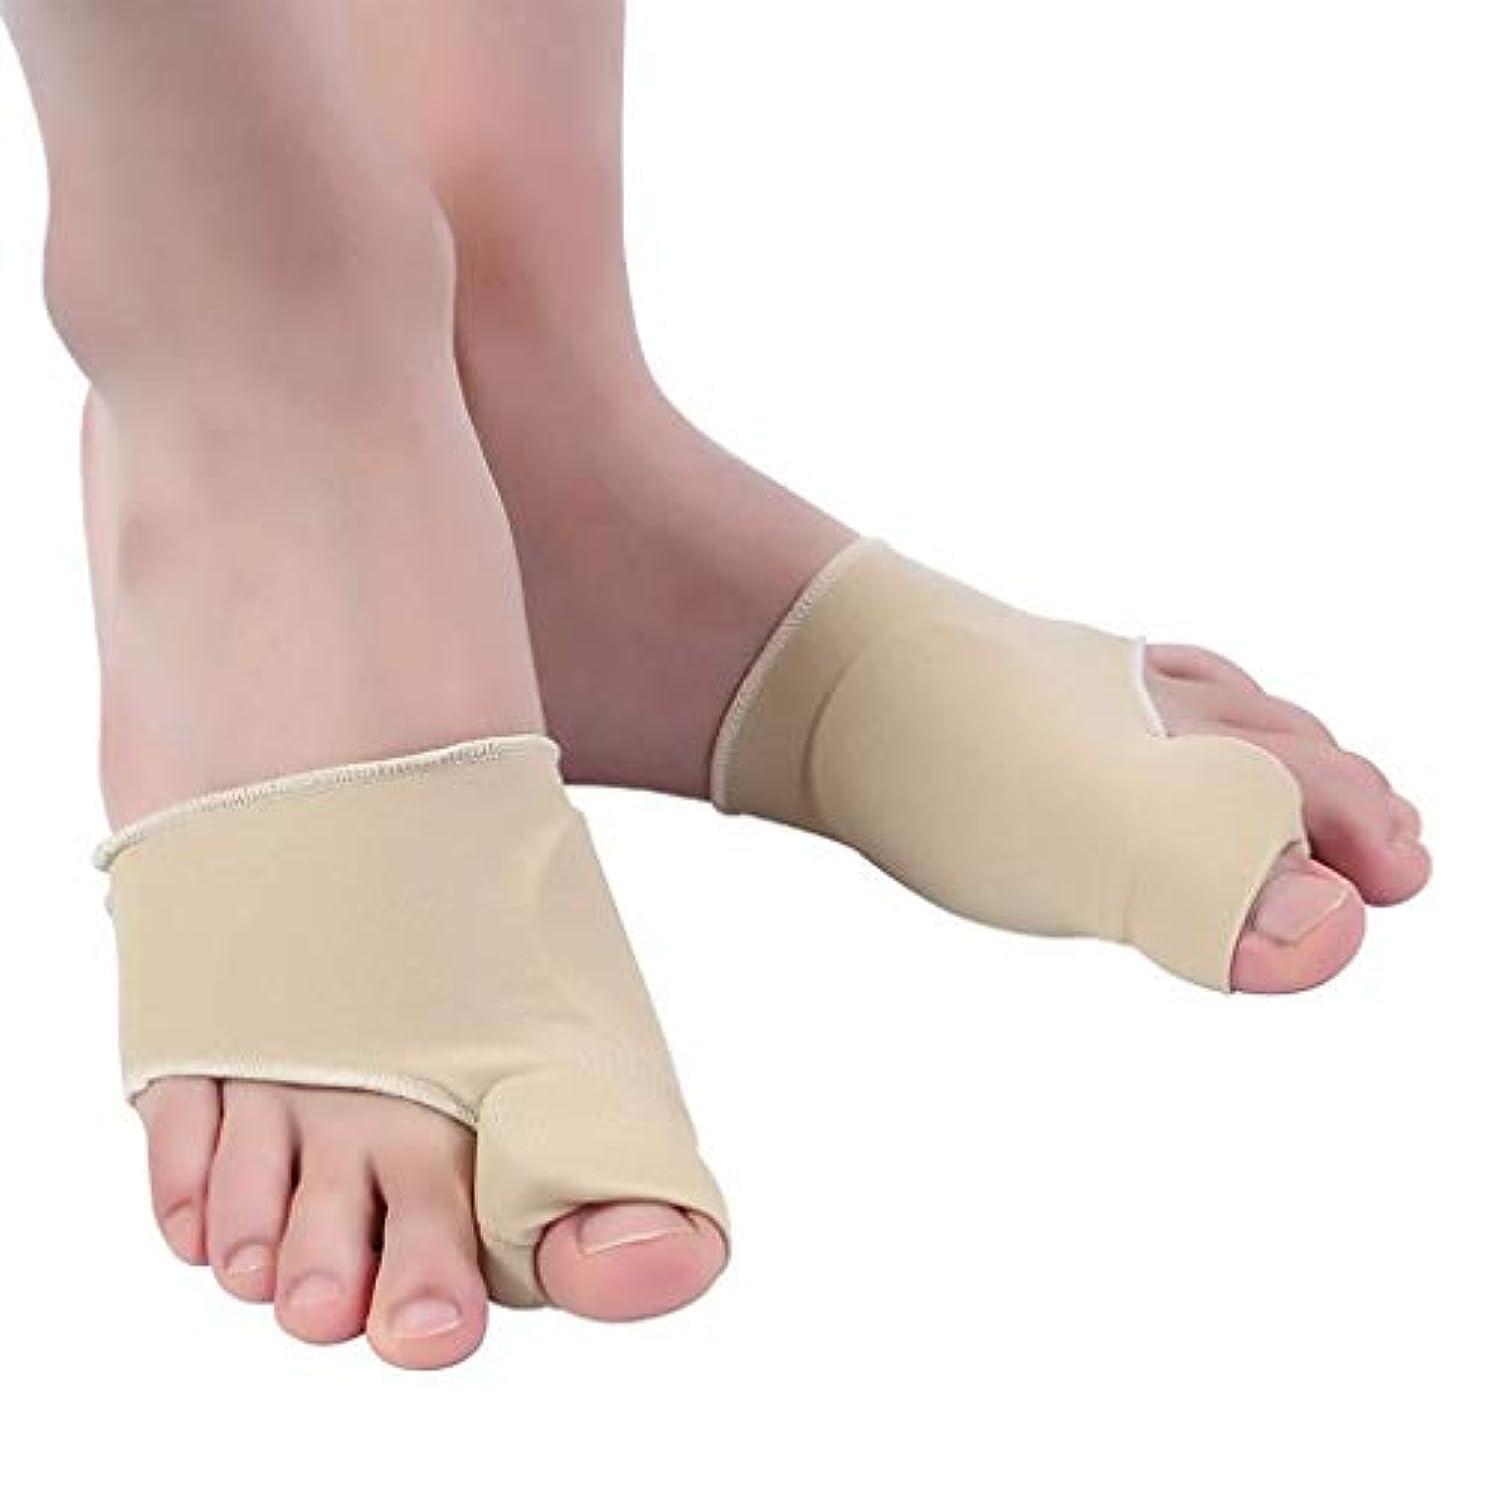 前進社会主義者限りBunion Corrector Bunion SplintsとBig Toe Straightteners SeparatorナイトタイムHallux外陰部のスプリント、Bunion Relief (Size : Small)